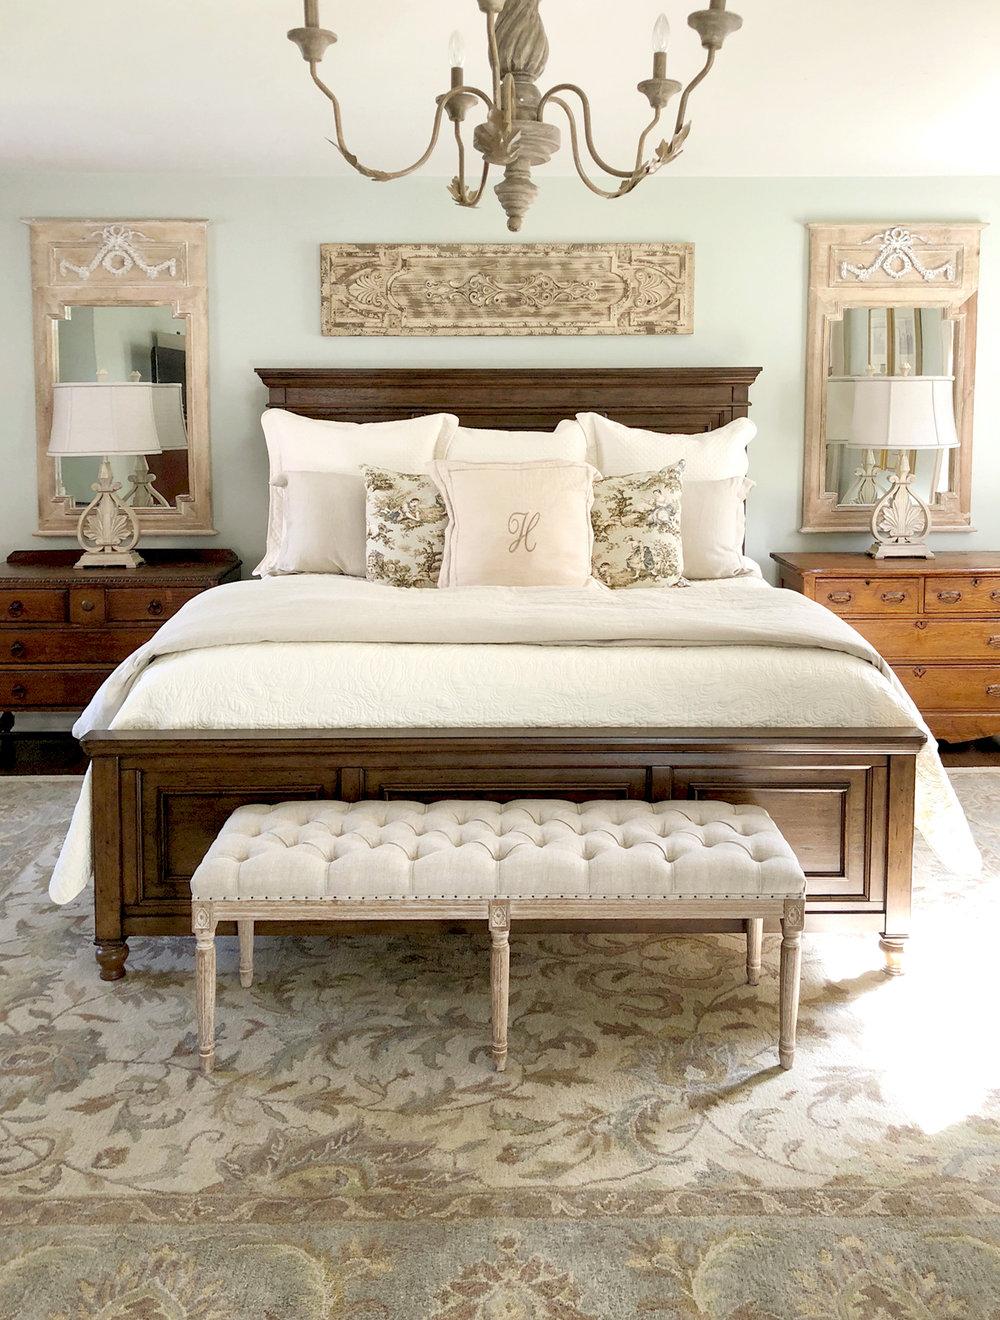 BedroomBedsideMirrors.jpg